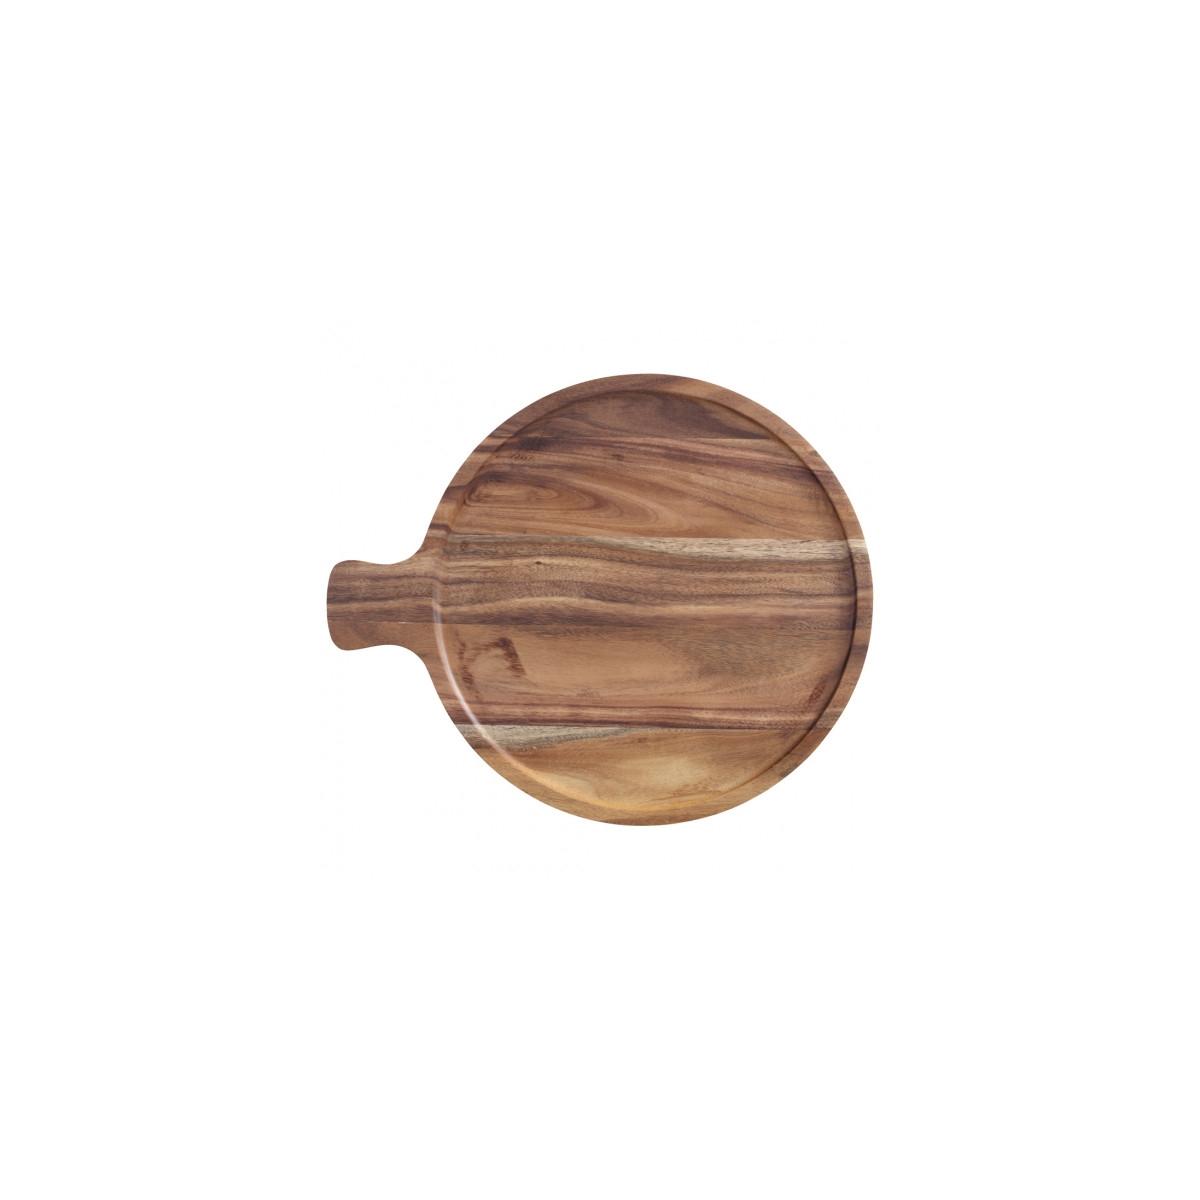 Drewniany Półmisek Na Przystawki 35 X 28 Cm Artesano Original